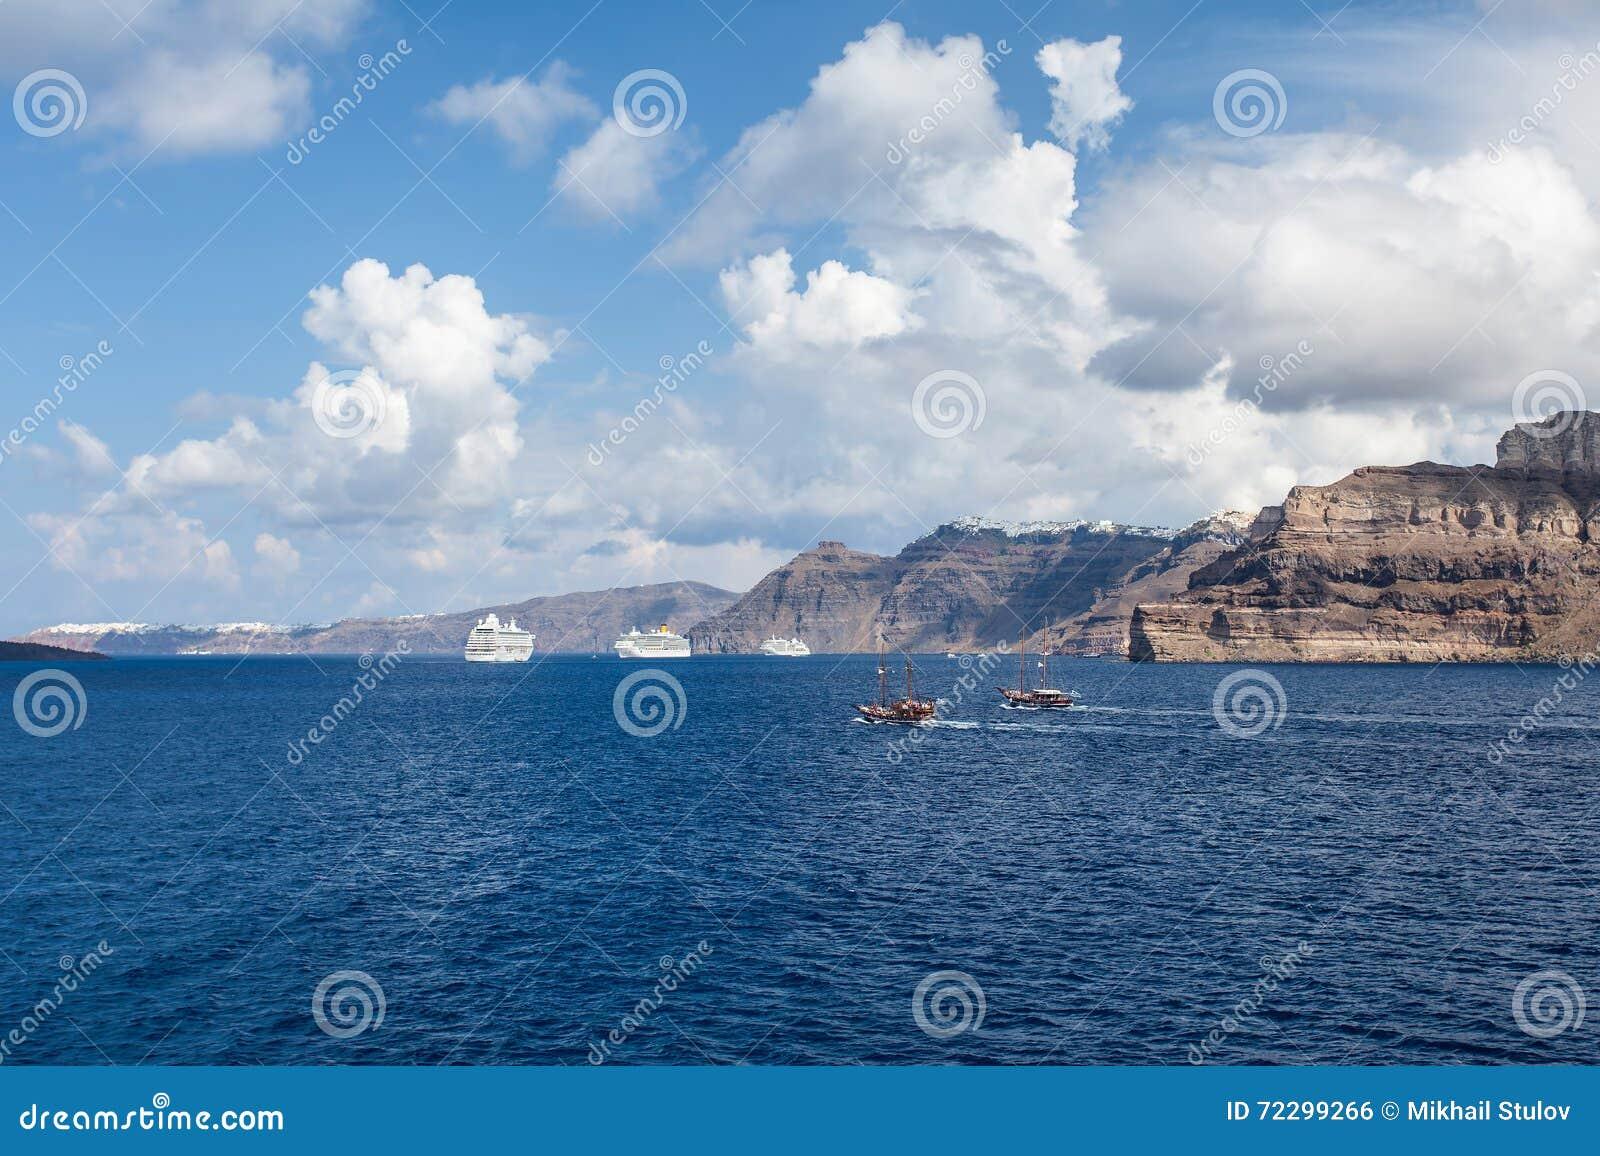 Download Кретски море в Греции стоковое фото. изображение насчитывающей ландшафты - 72299266